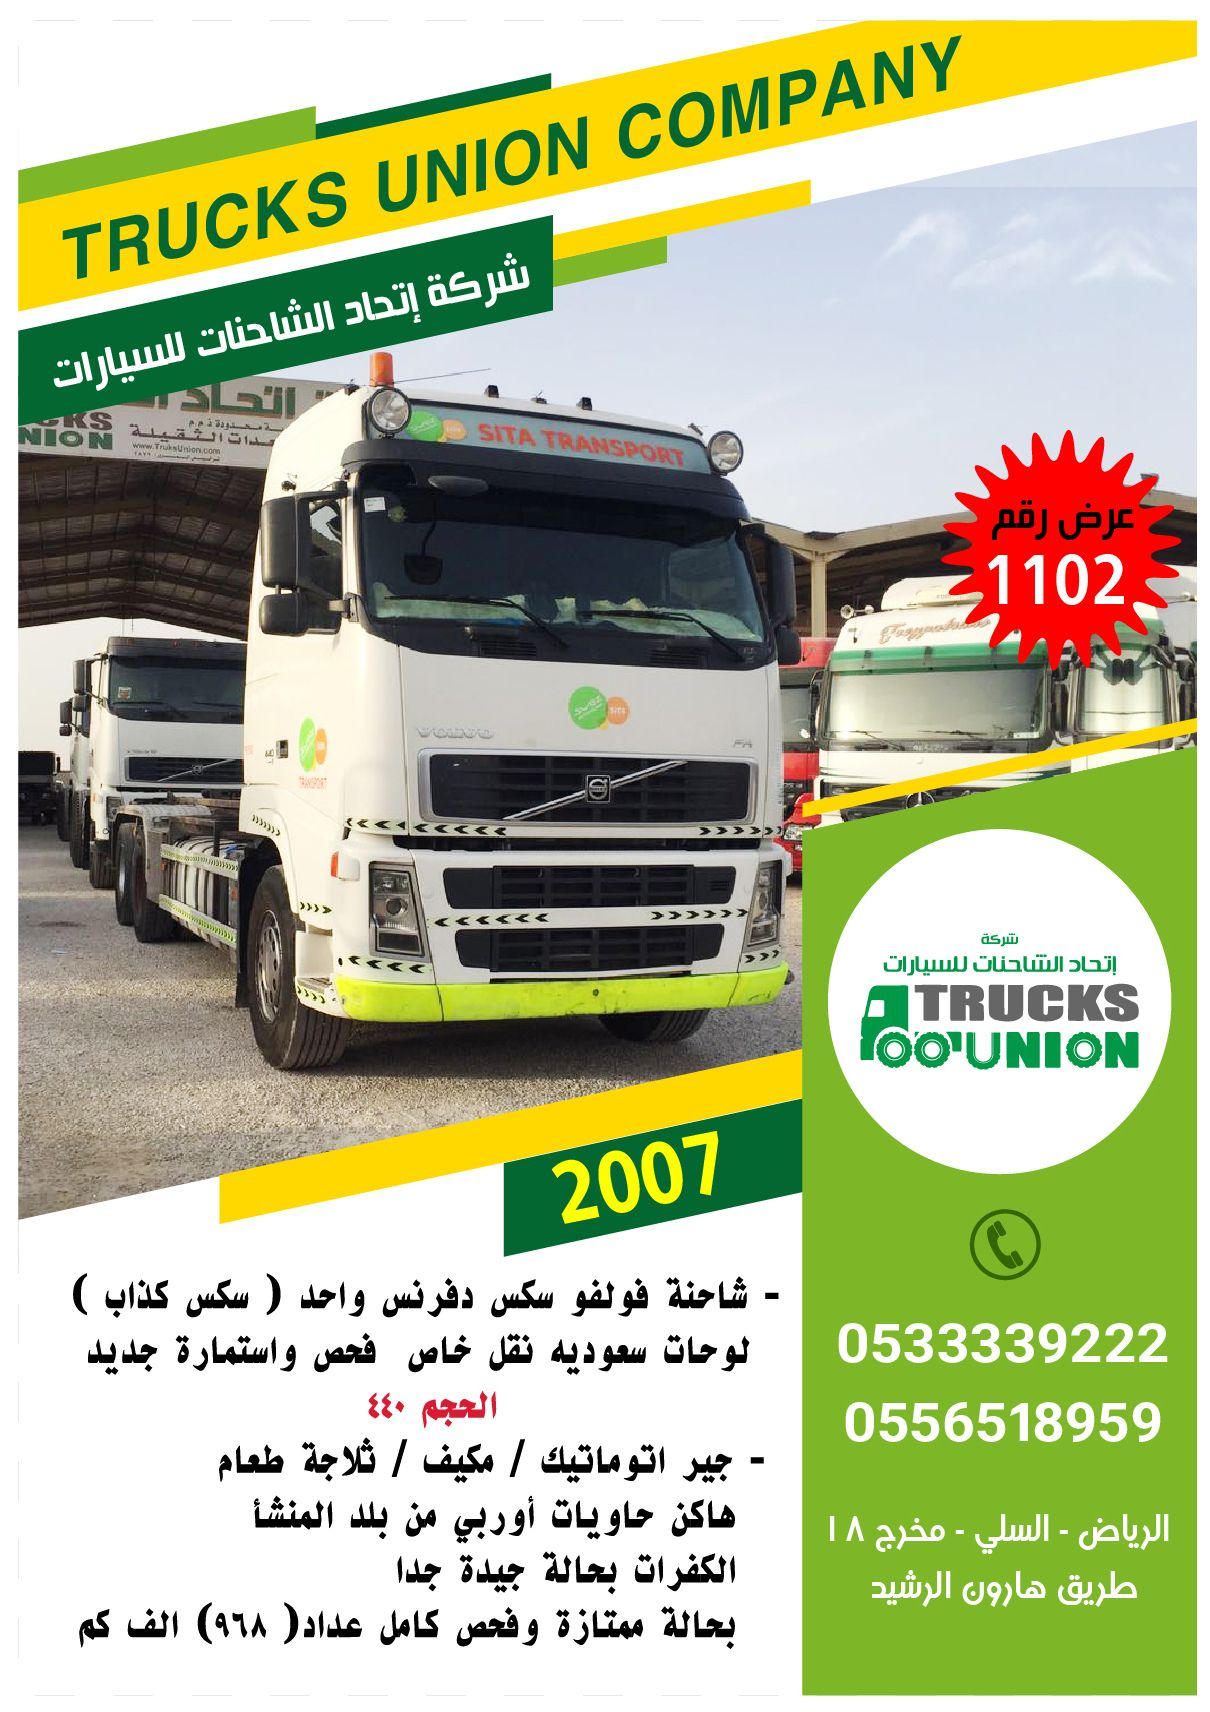 شاحنات فولفو للبيع الرياض راس تريلا جديد و مستعمل بحالة ممتازة نظيفة السلي Lull Trucks Sls